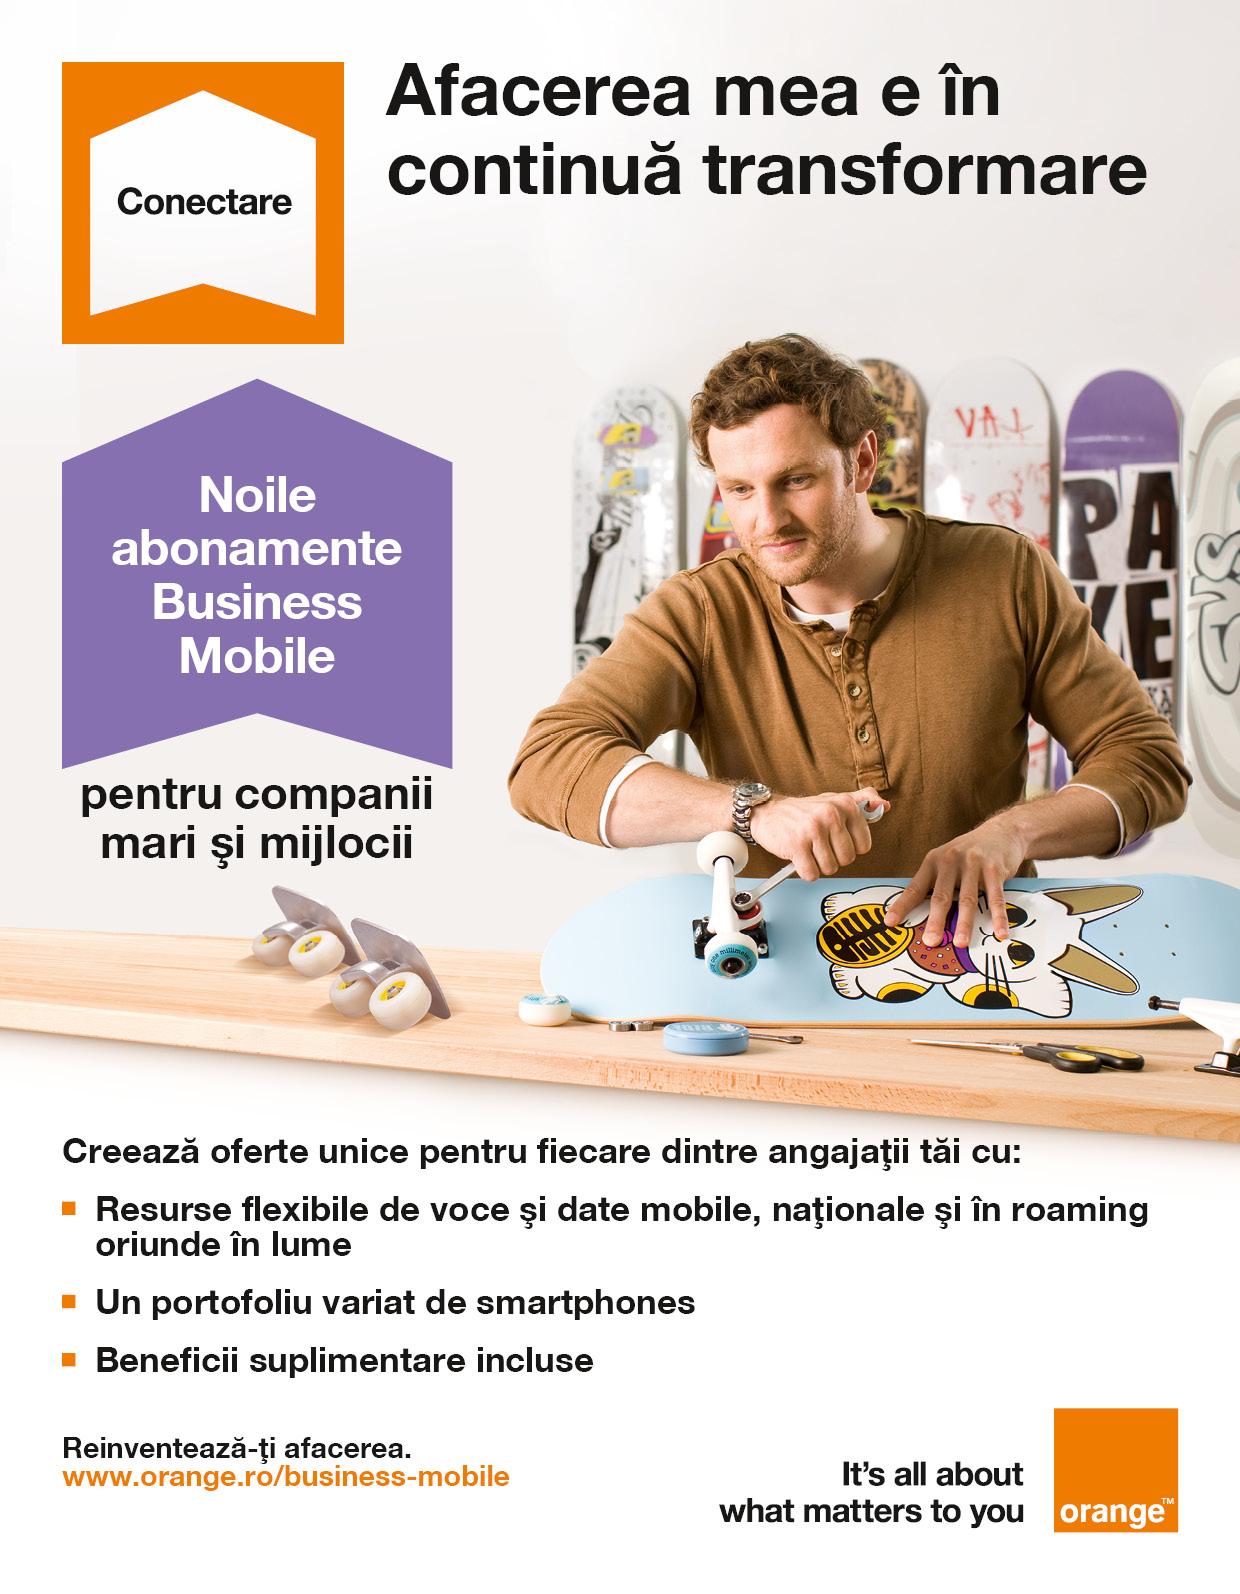 Noile abonamente Orange Business Mobile pentru IMM-uri conțin beneficii suplimentare de voce, date şi roaming